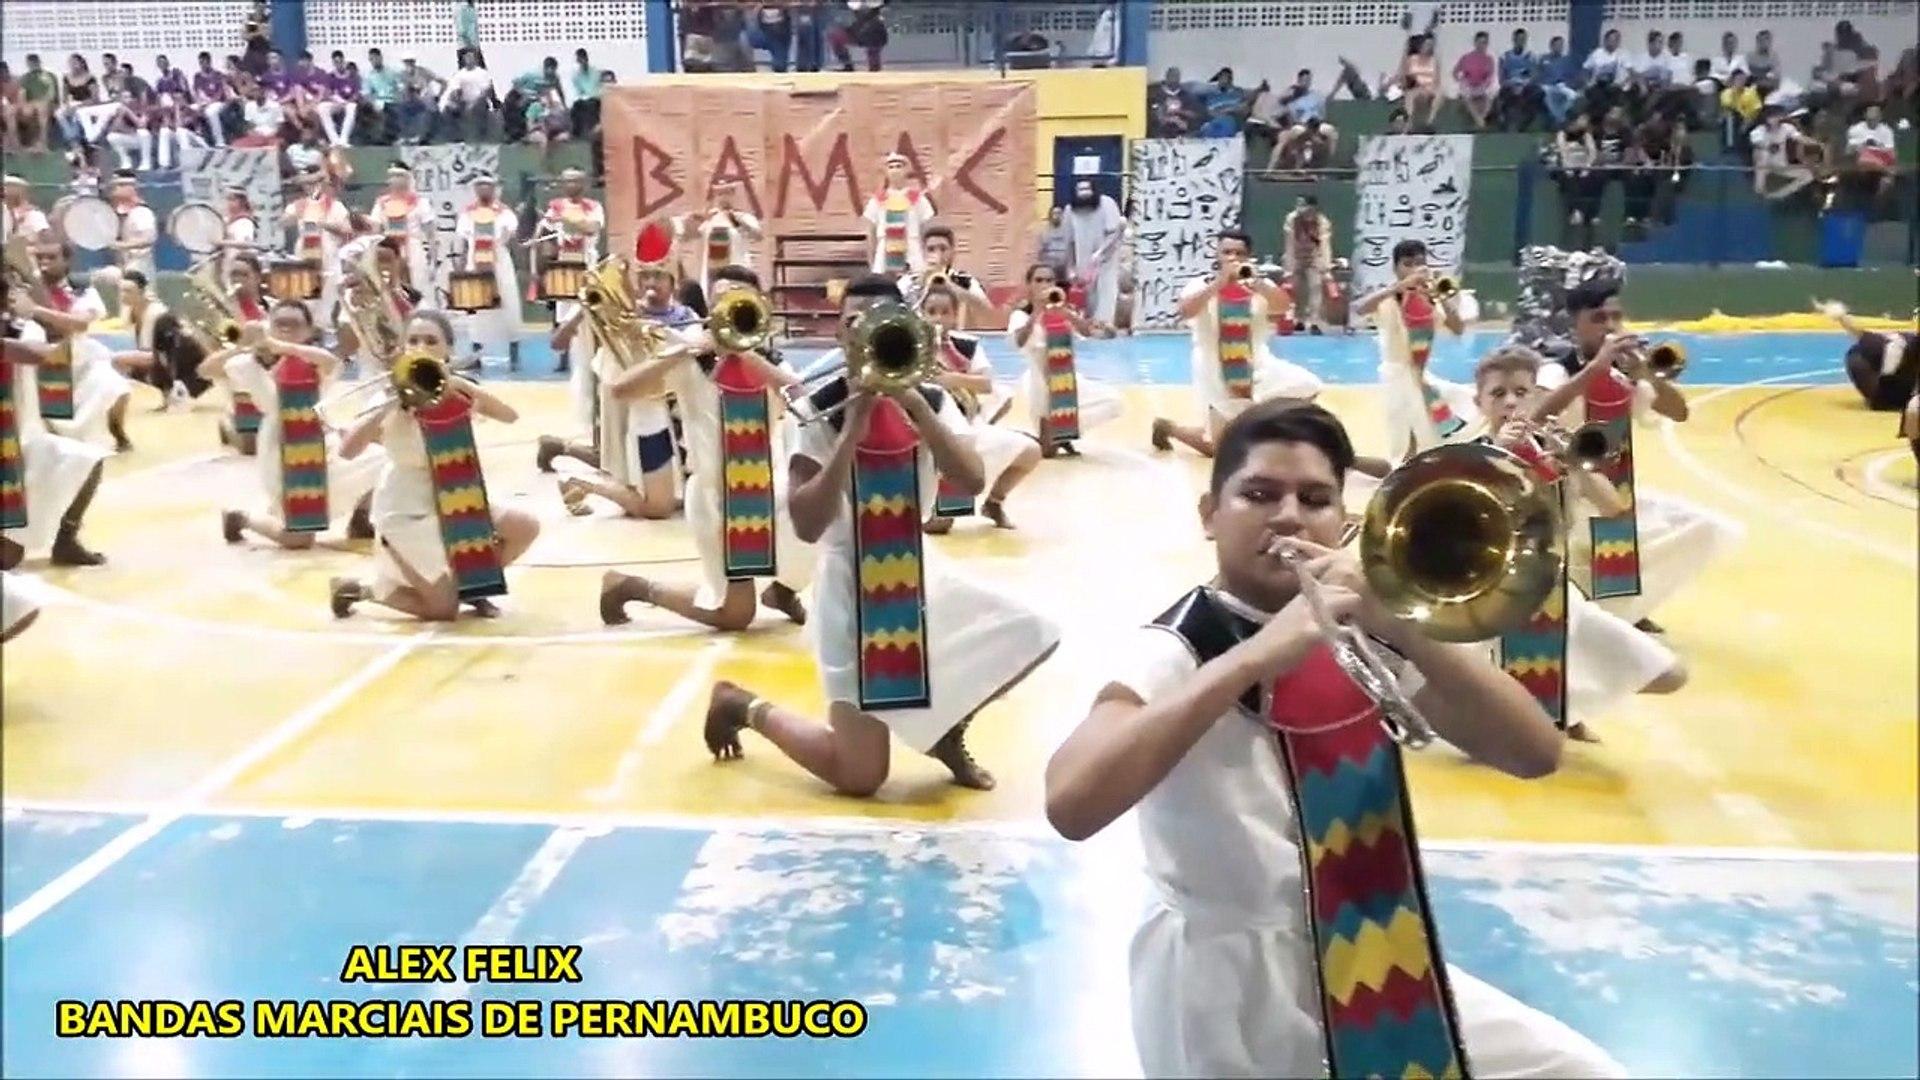 BAMAC 2018 - VI COPA NACIONAL DE CAMPEÃS DE BANDAS E FANFARRAS - PARNAMIRIM - RN - BANDA SHOW BAMAC